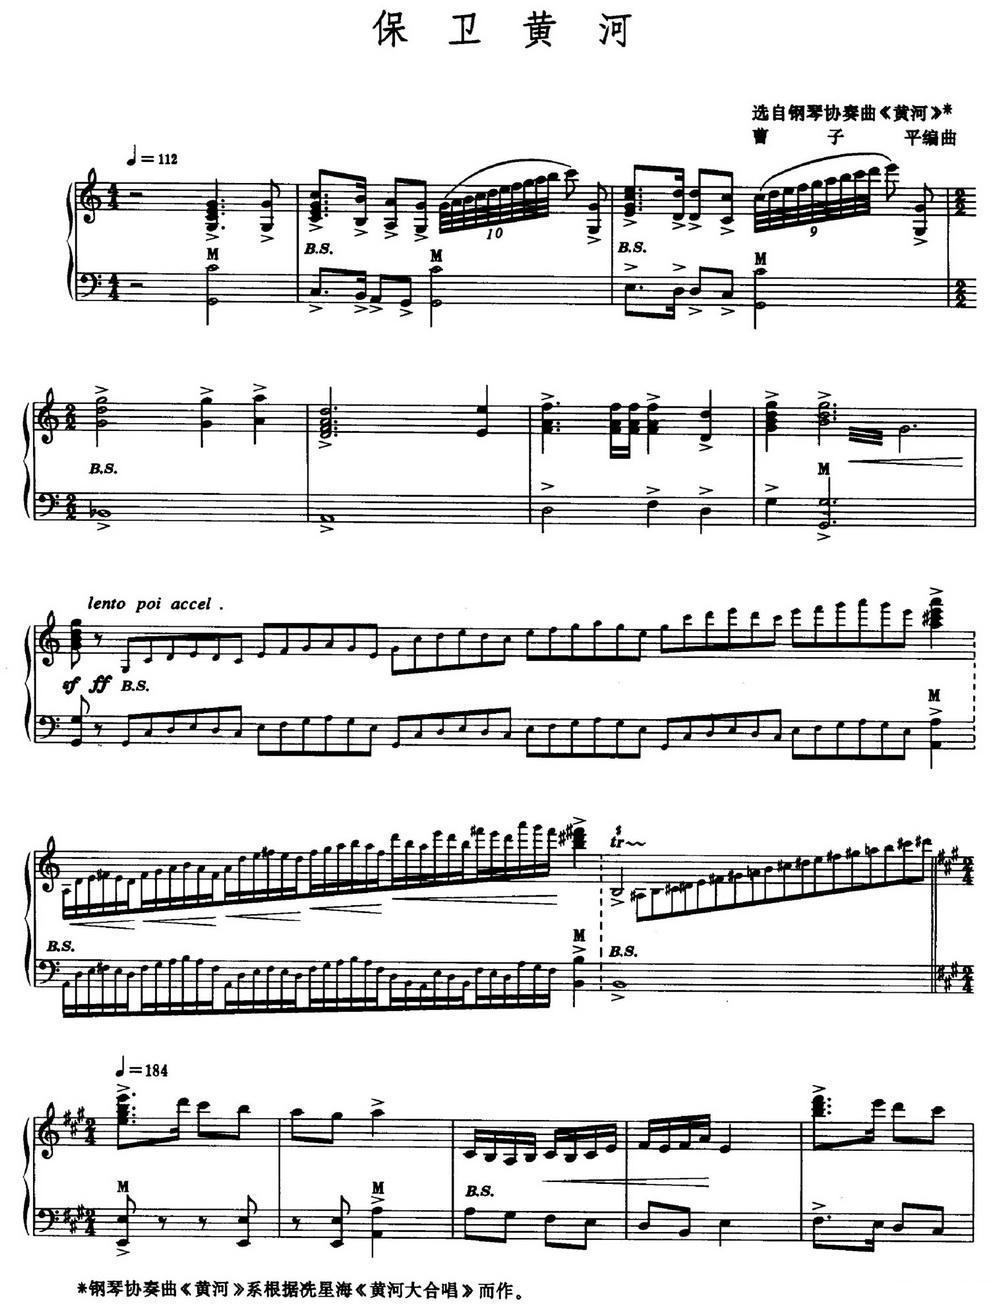 保卫黄河 选自钢琴协奏曲 黄河 -保卫黄河 手风琴谱图片